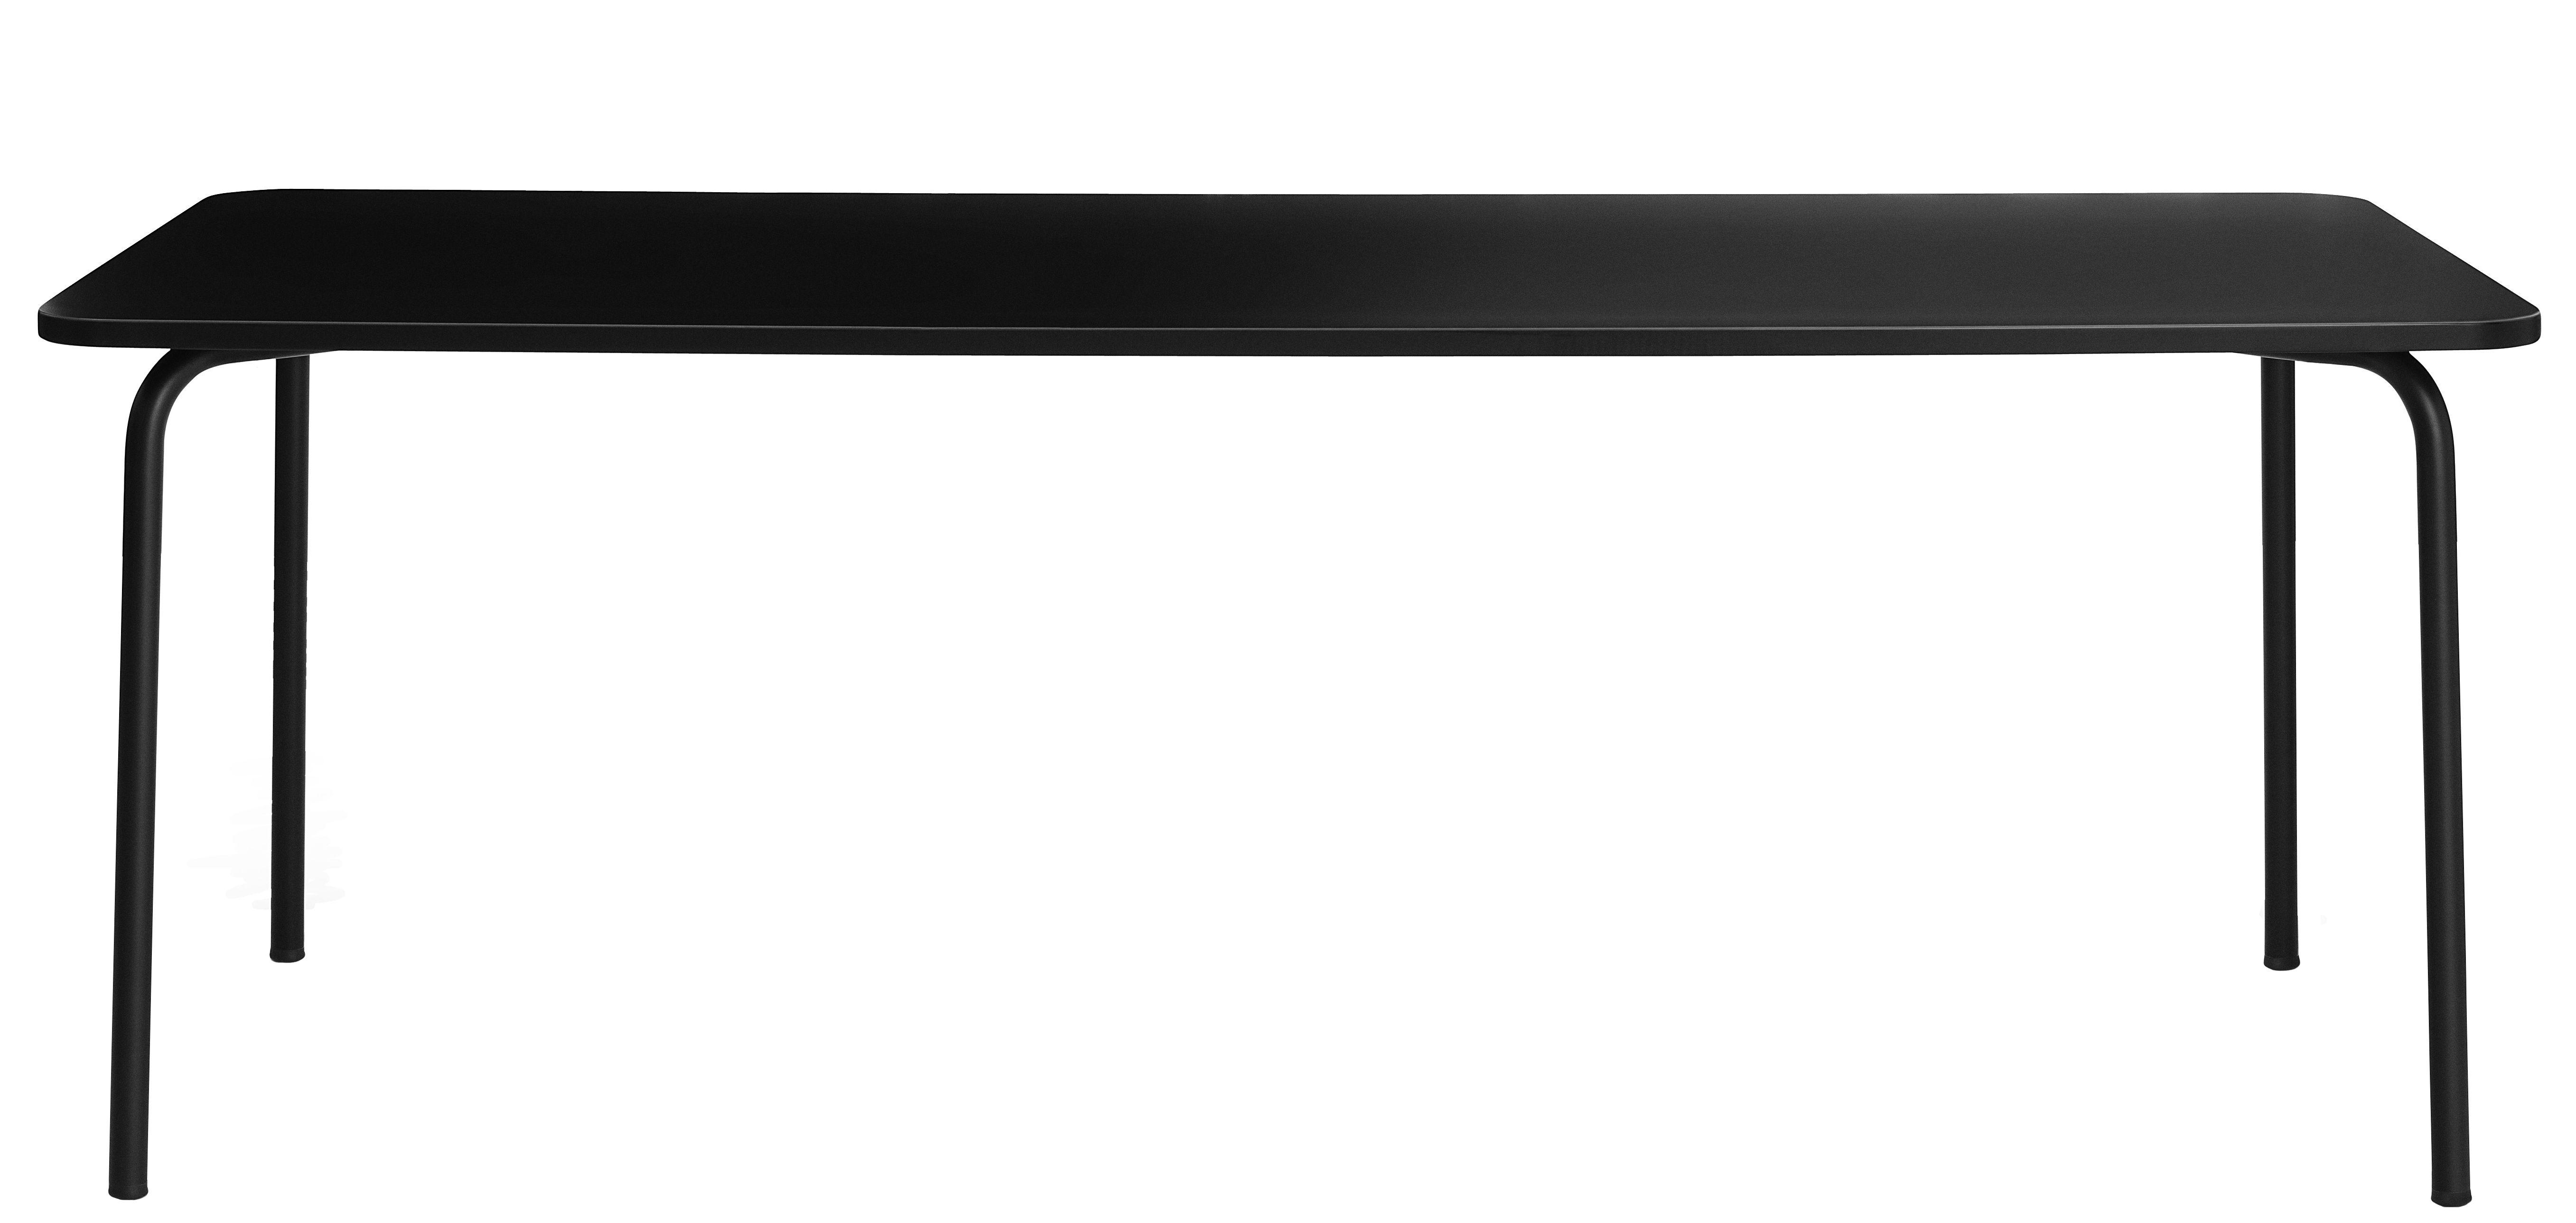 Arredamento - Tavoli - Tavolo rettangolare My Table Large - / 200 x 90 cm di Normann Copenhagen - Nero - Acciaio laccato, Laminato